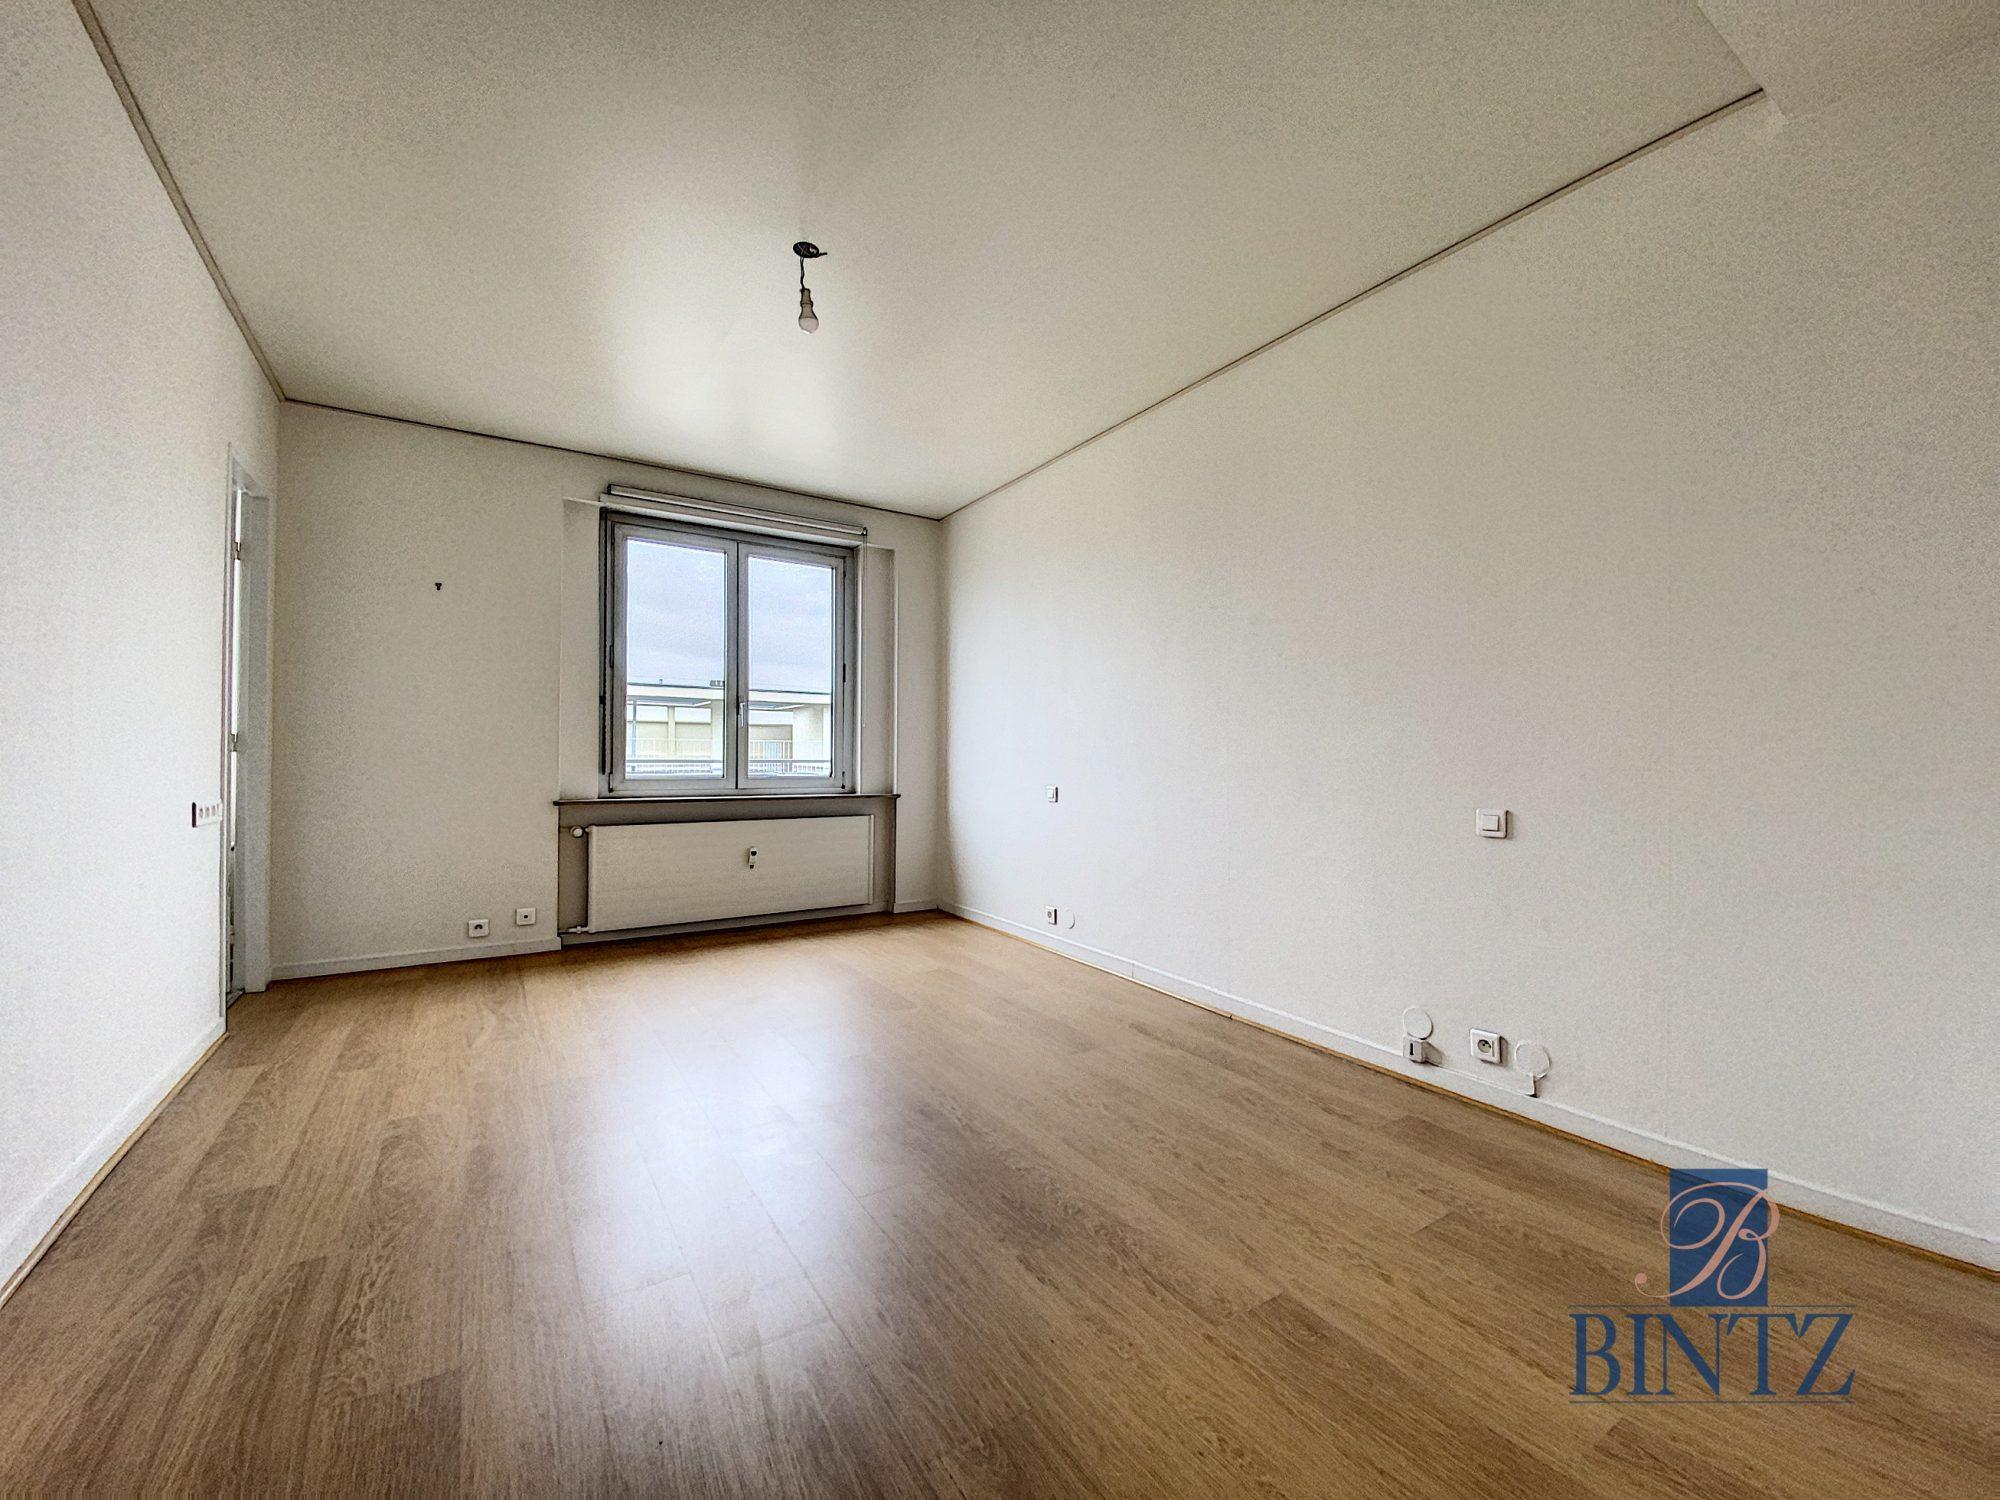 5 PIÈCES QUARTIER CONTADES - Devenez locataire en toute sérénité - Bintz Immobilier - 11